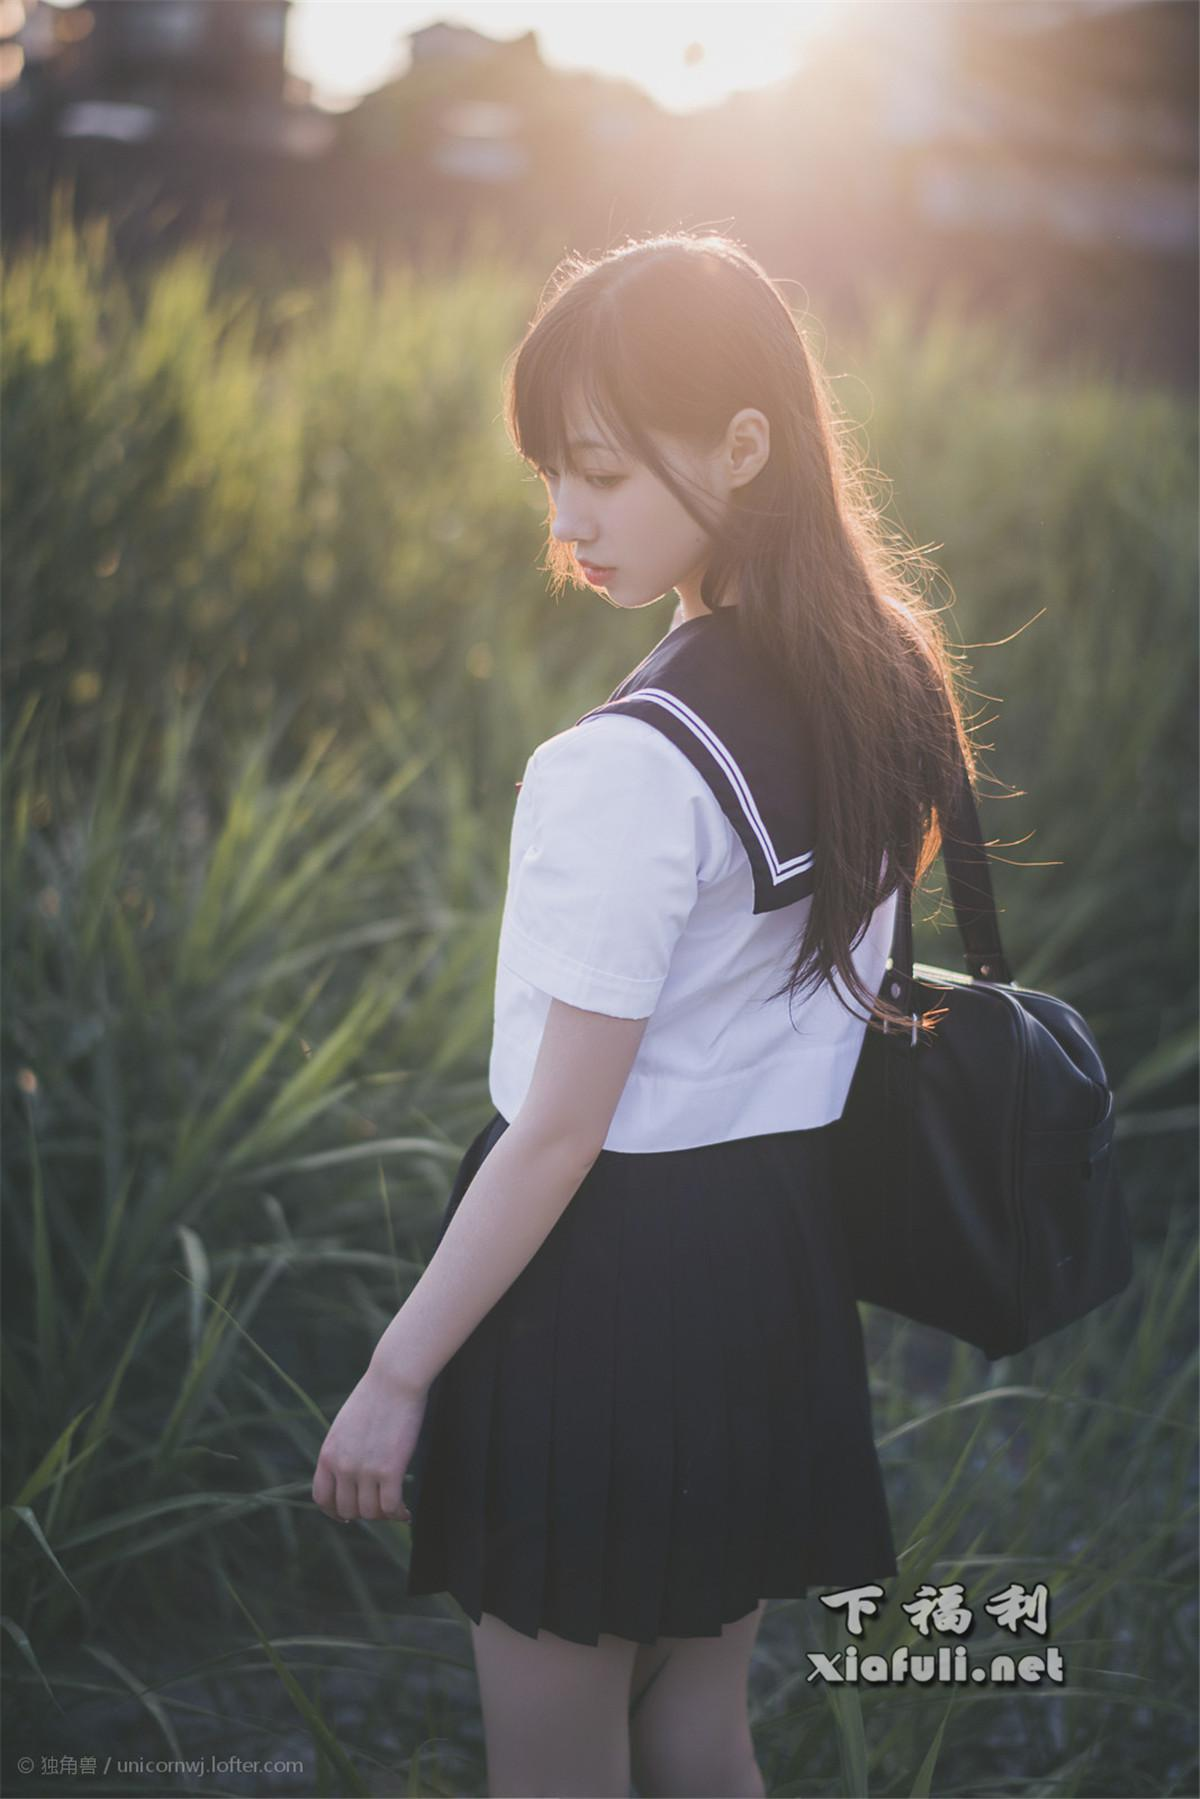 超清纯的日系小姐姐[340P/126M]插图3